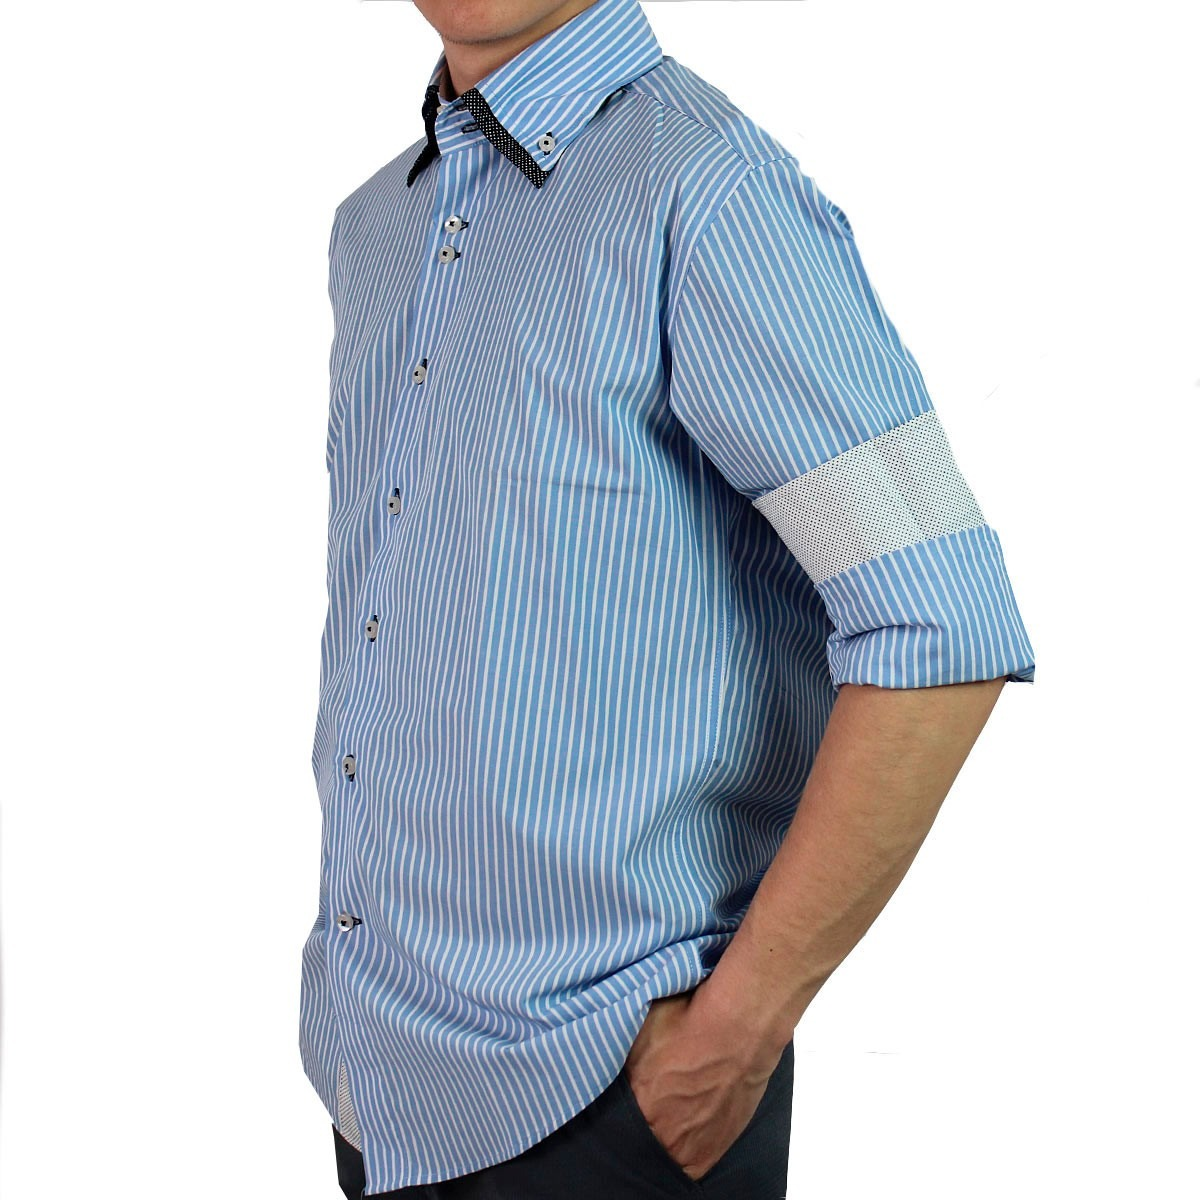 7f946715d4 camisa slim fit manga longa listrada com gola diferenciada. Carregando zoom.